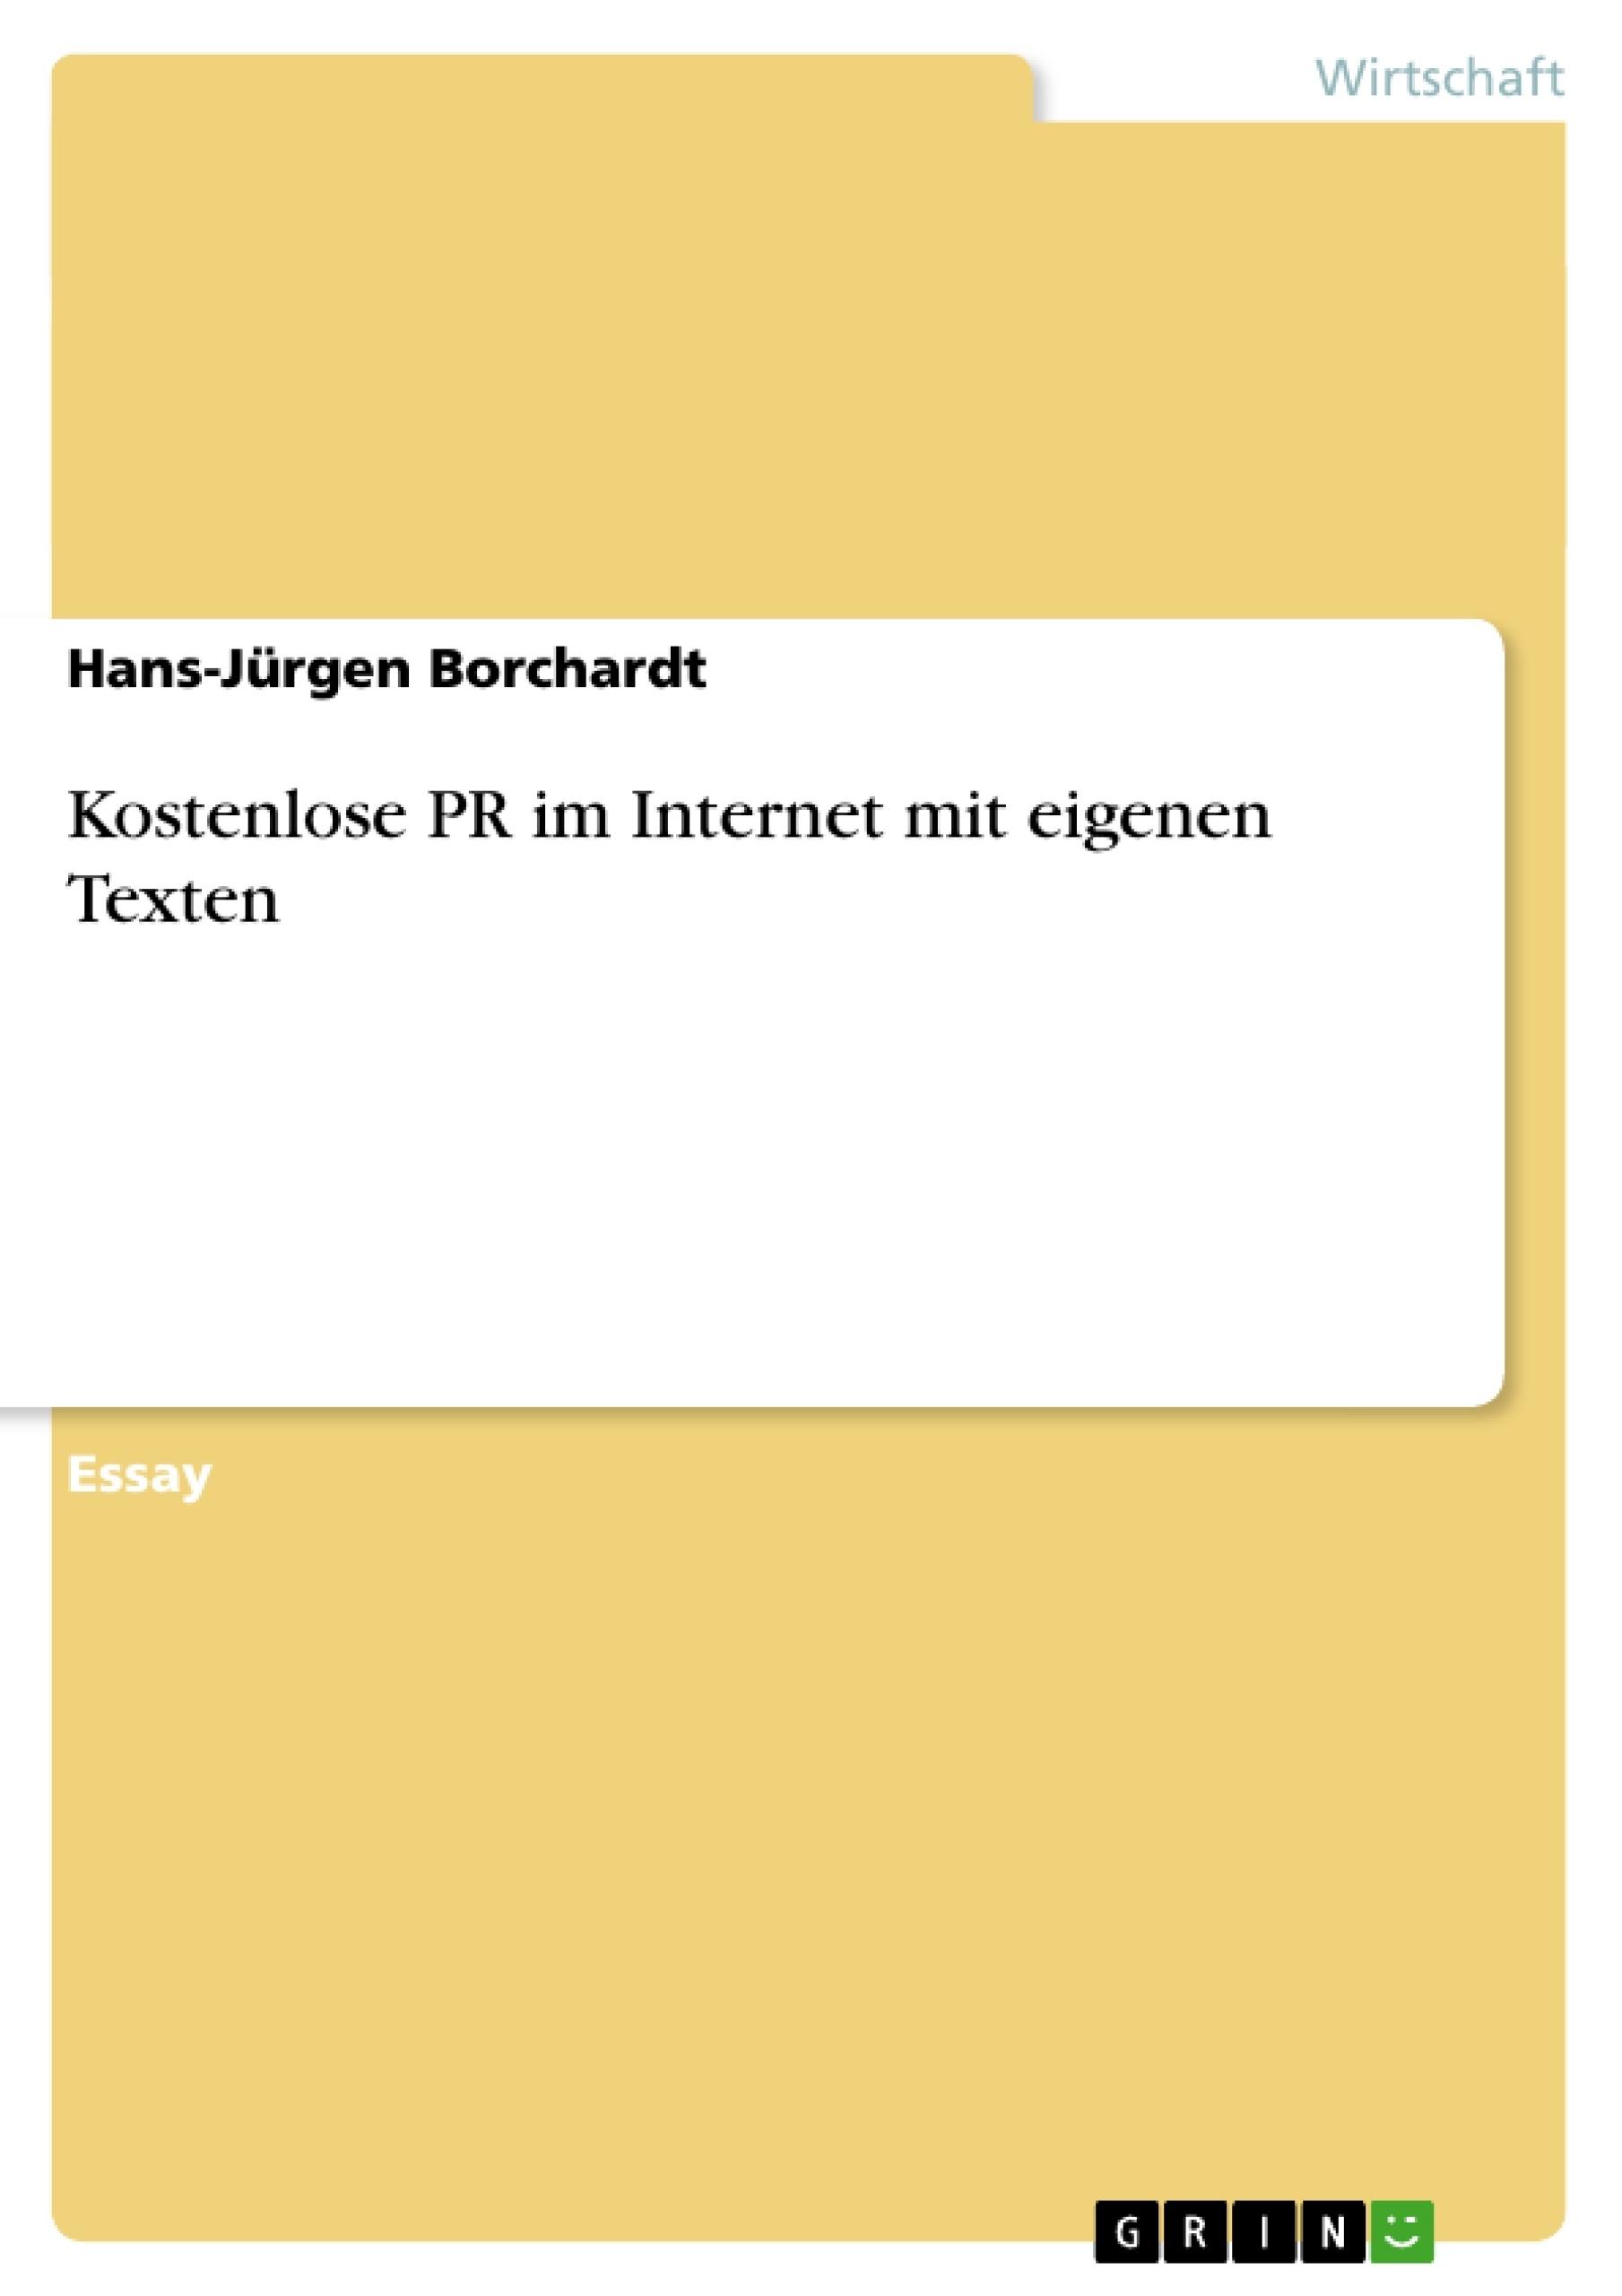 Titel: Kostenlose PR im Internet mit eigenen Texten